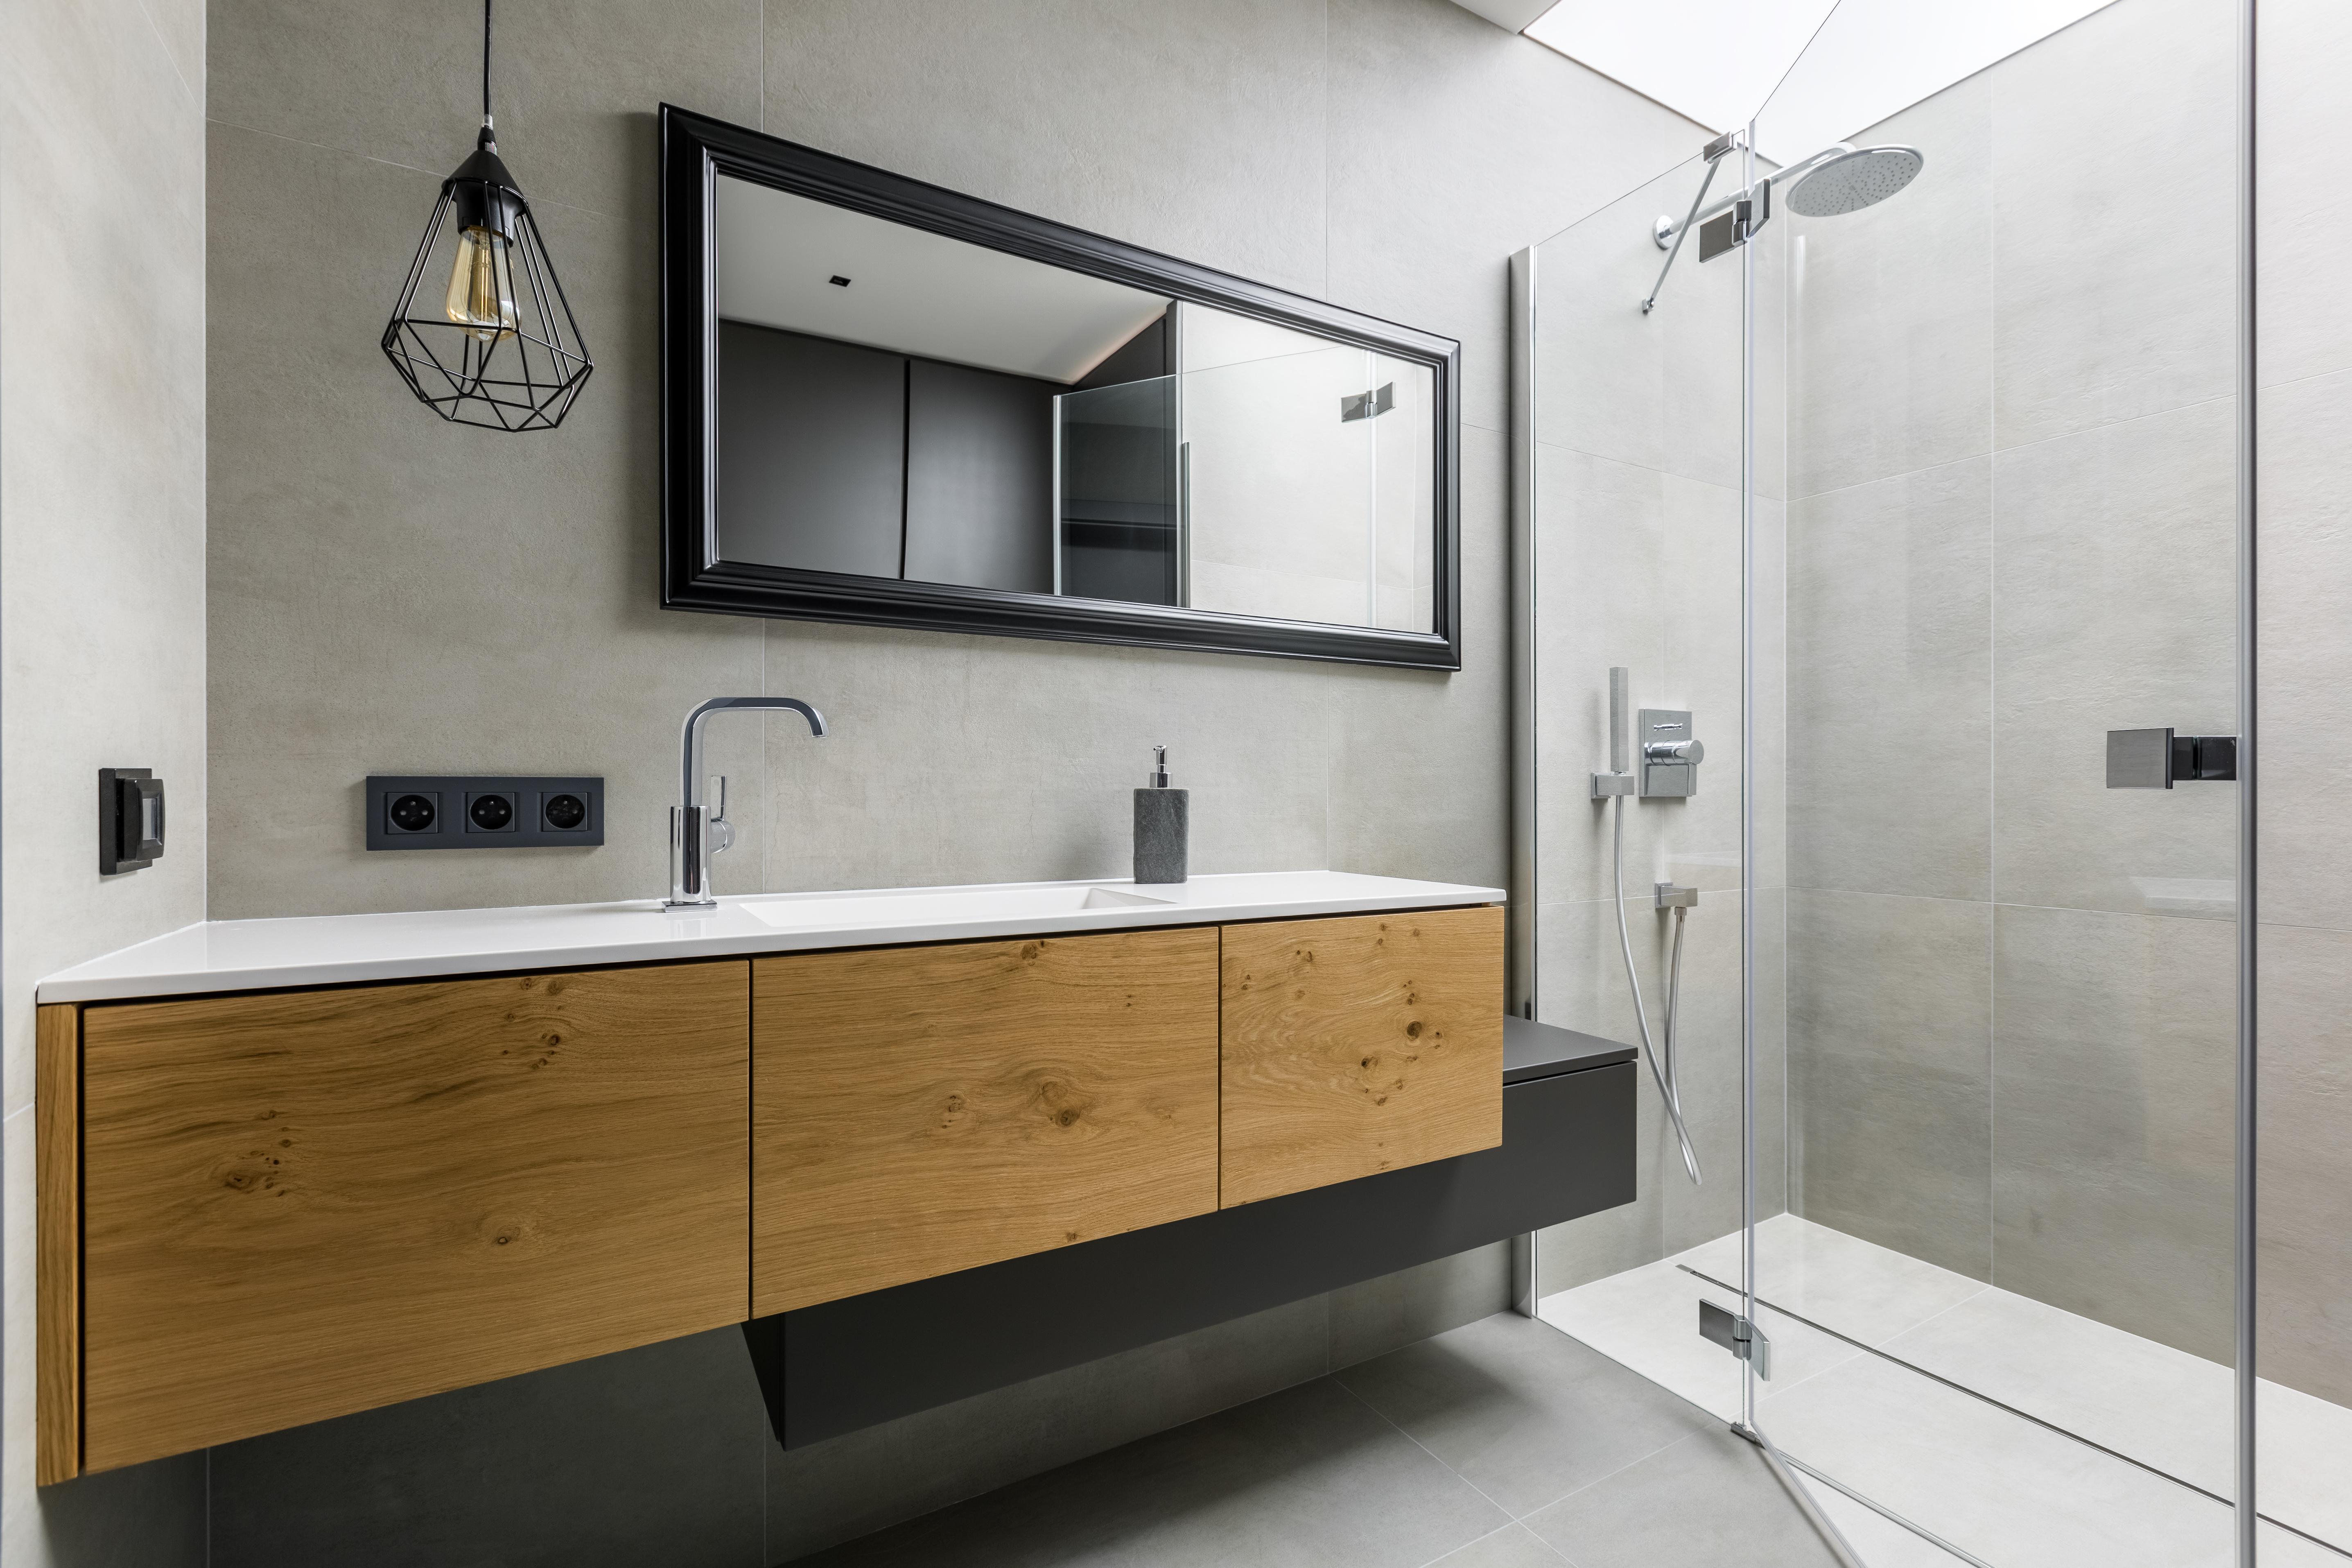 Bathroom Remodeling Contractor Escondido San Diego Ca